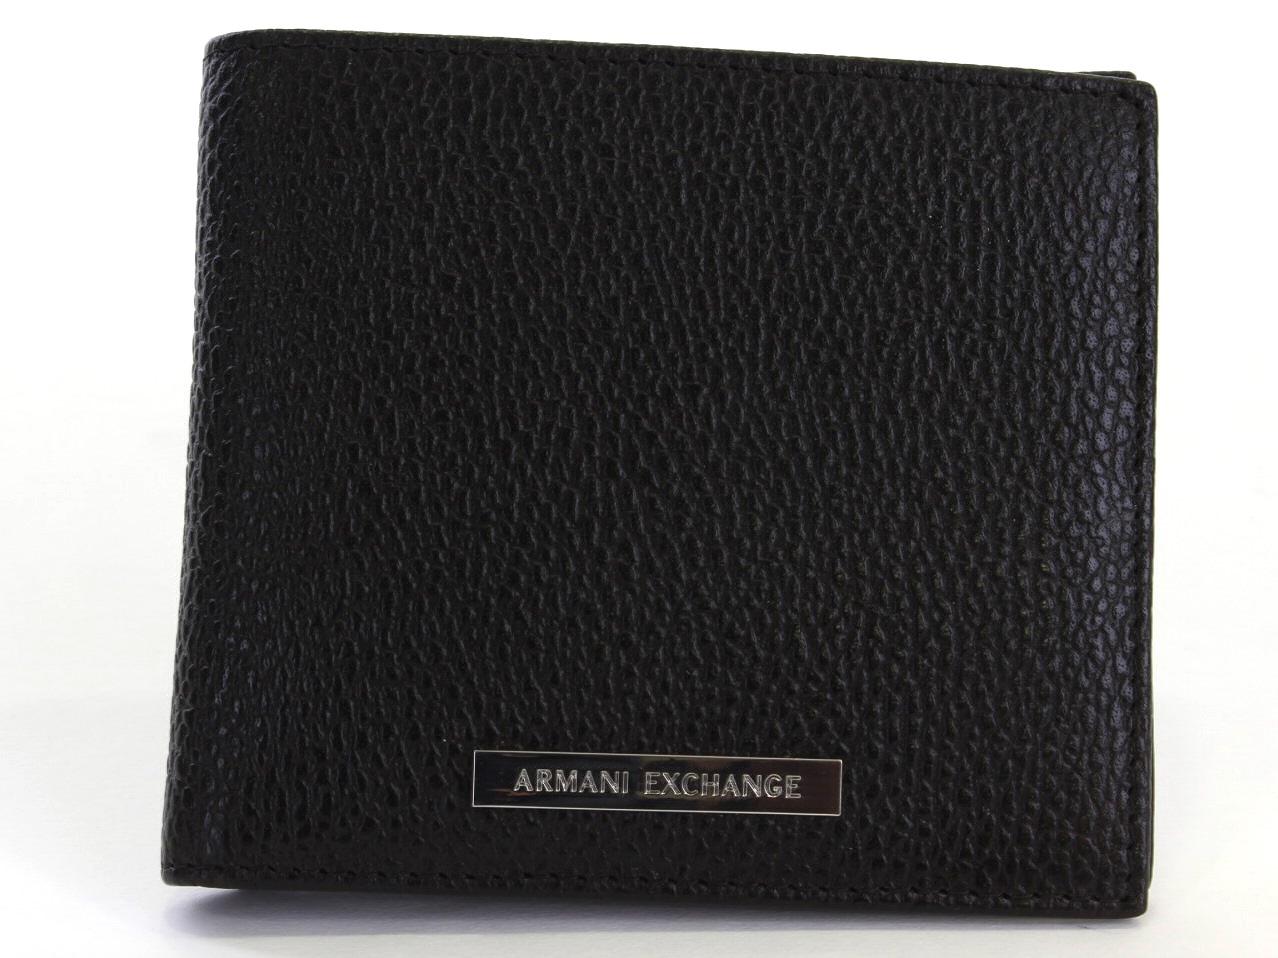 Porta-Moedas, Carteiras Armani Exchange - 529 958097 CC206